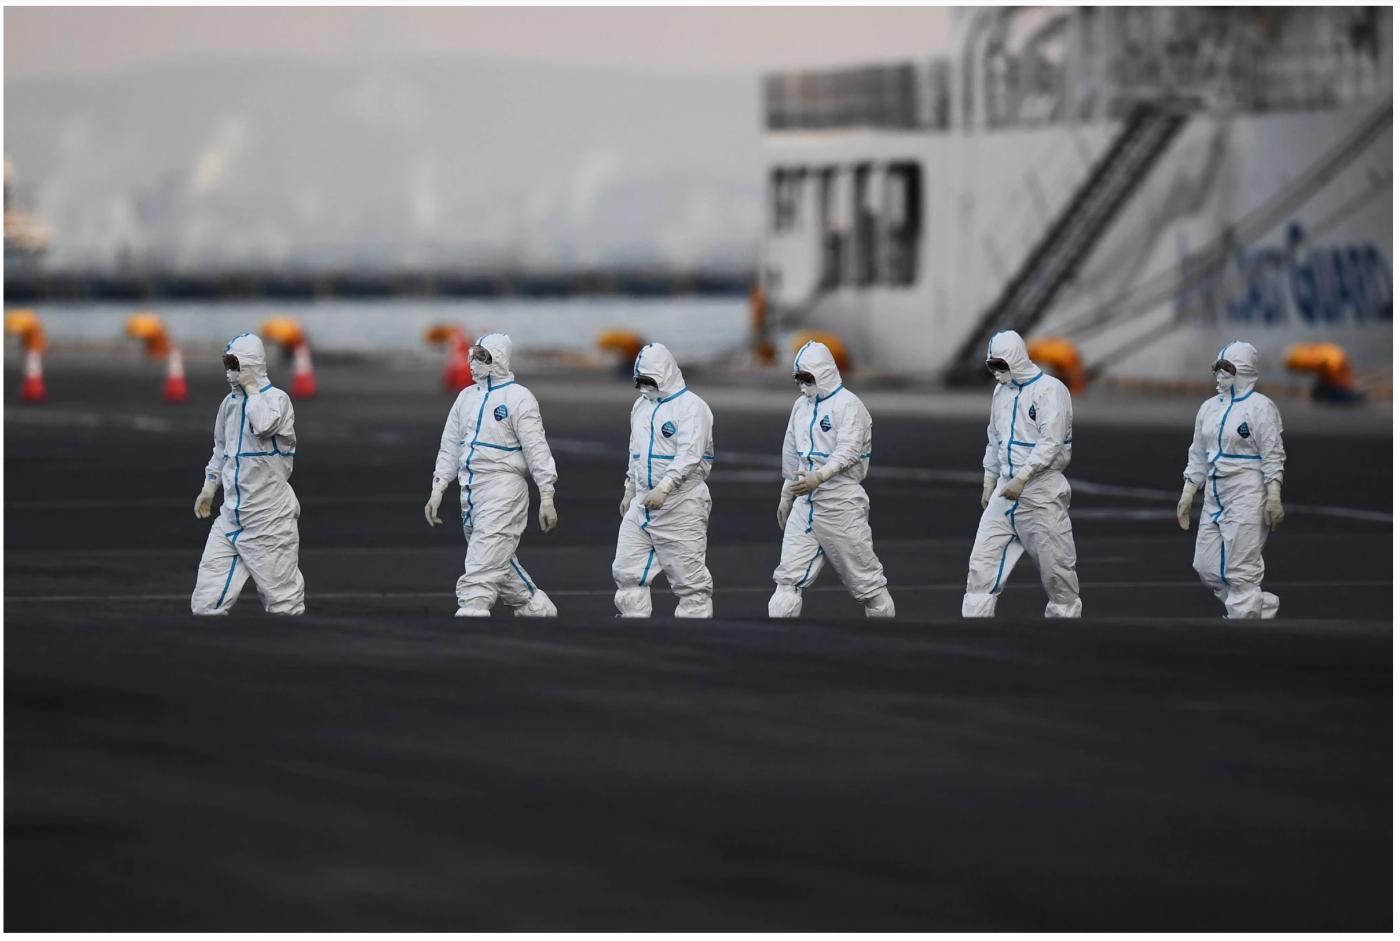 中国境外最严重疫情:在一艘游轮上_图1-10